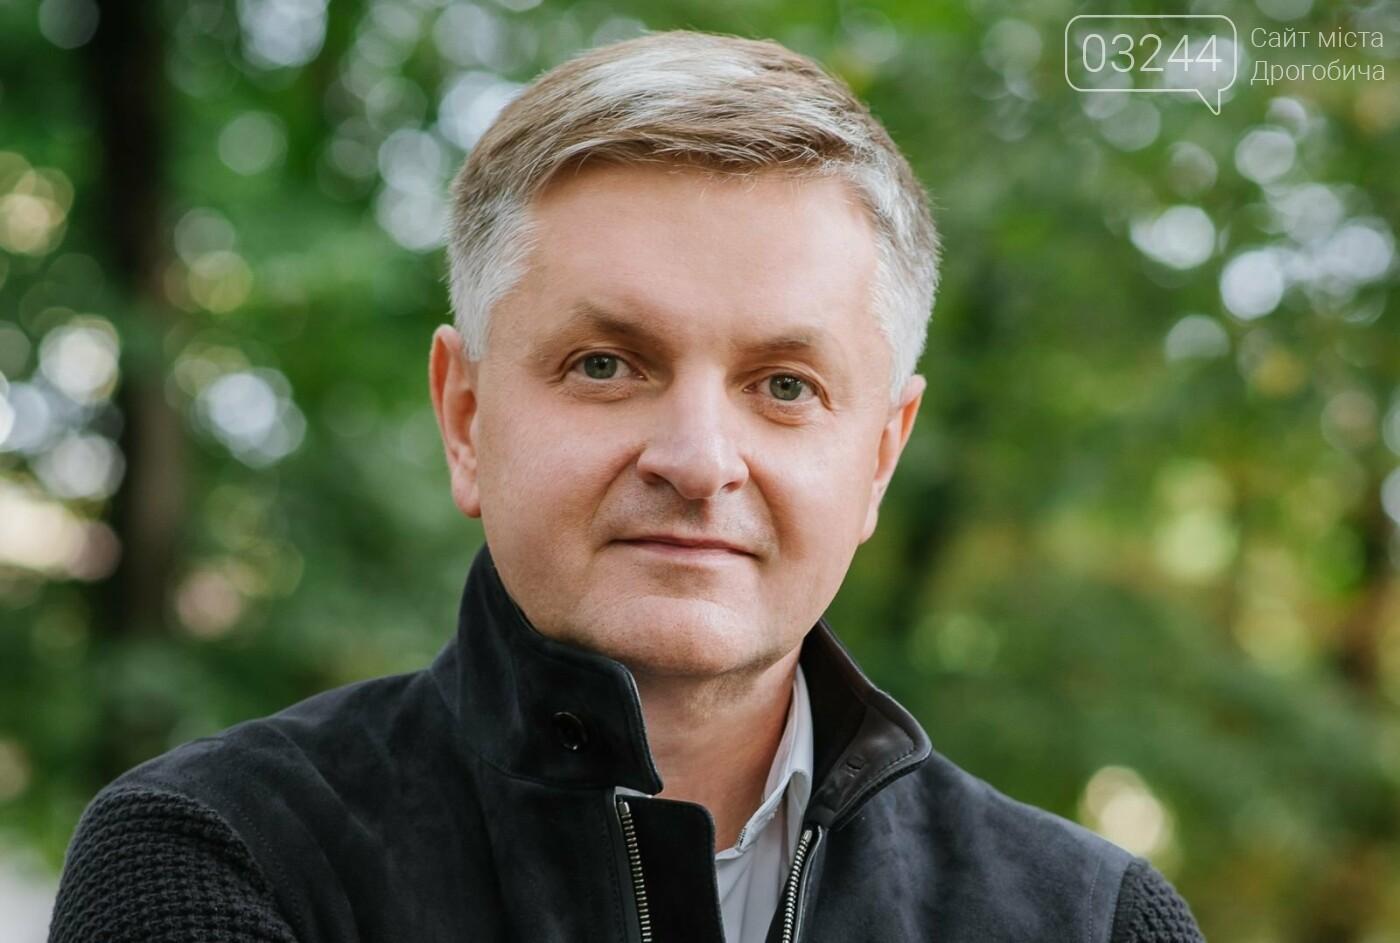 Андрій ВЕСЕЛИЙ: 25 жовтня обираємо новий шлях розвитку Дрогобиччини!, фото-1